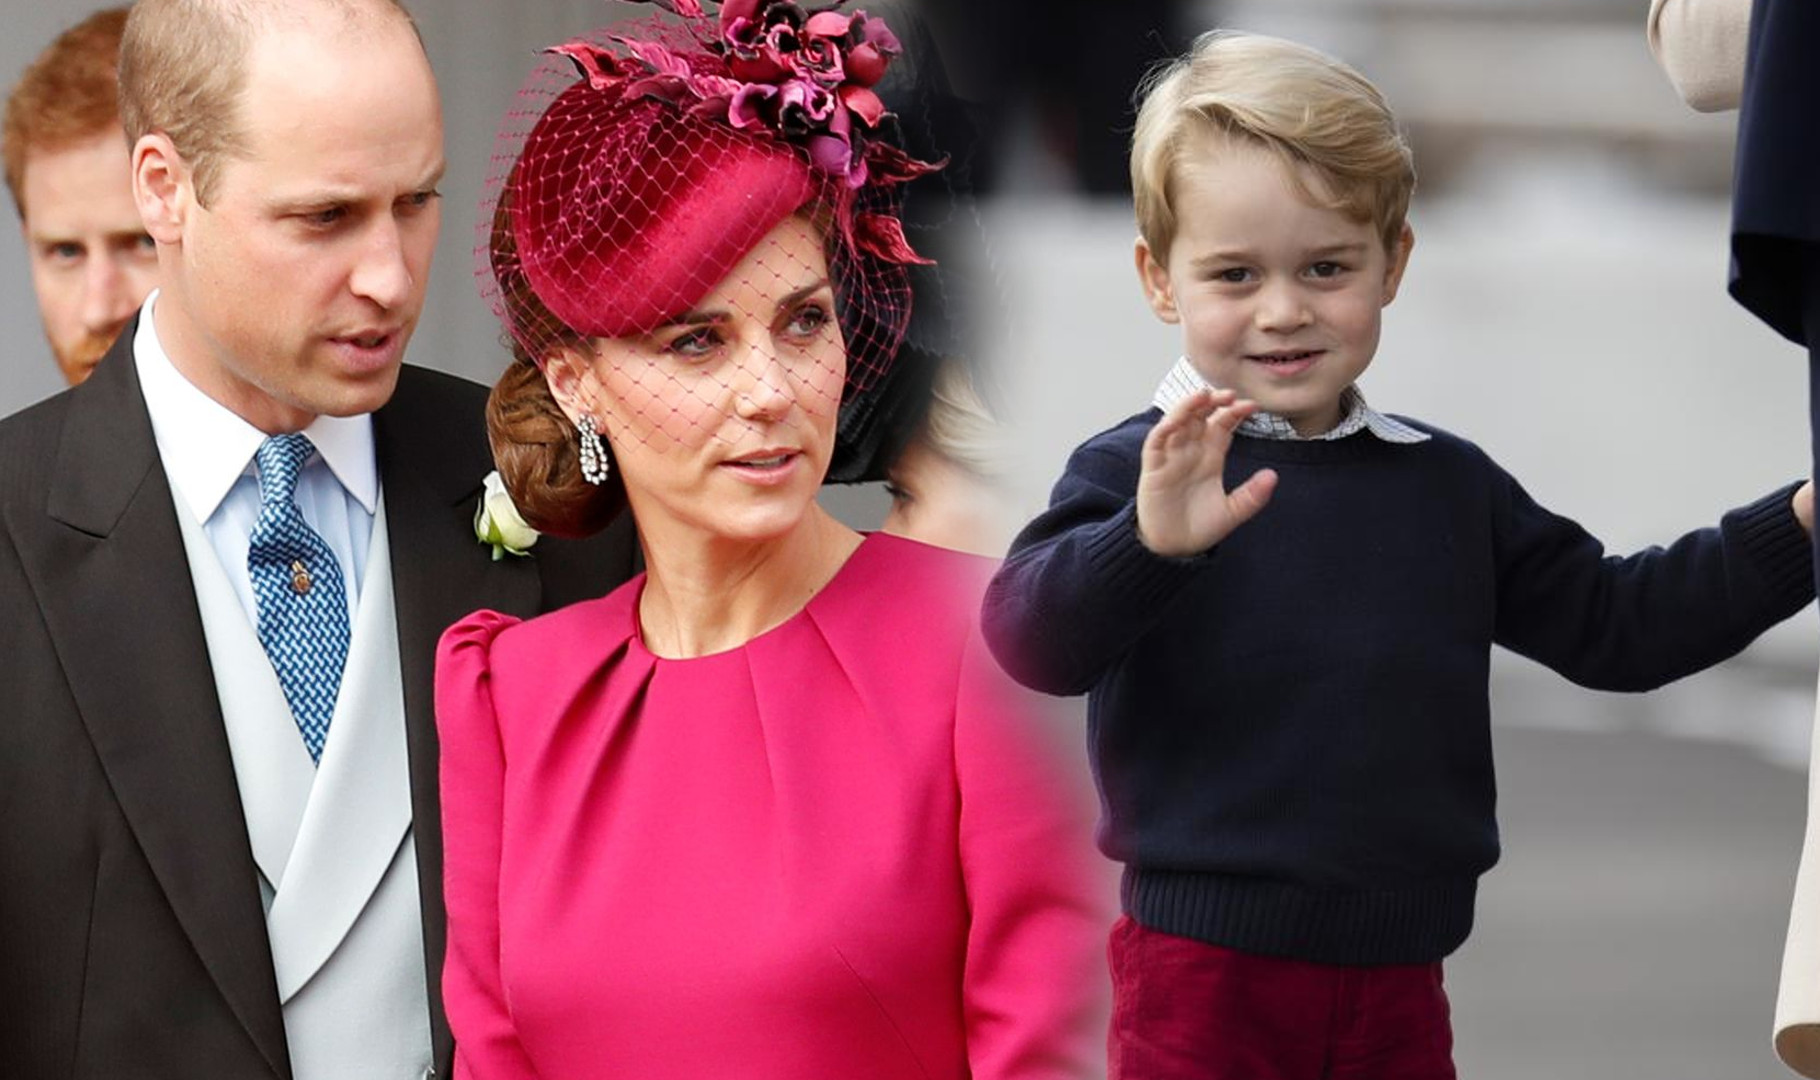 Księżna Kate musi wybierać pomiędzy mężem, a synem! Wszystko przez tę zasadę królewską